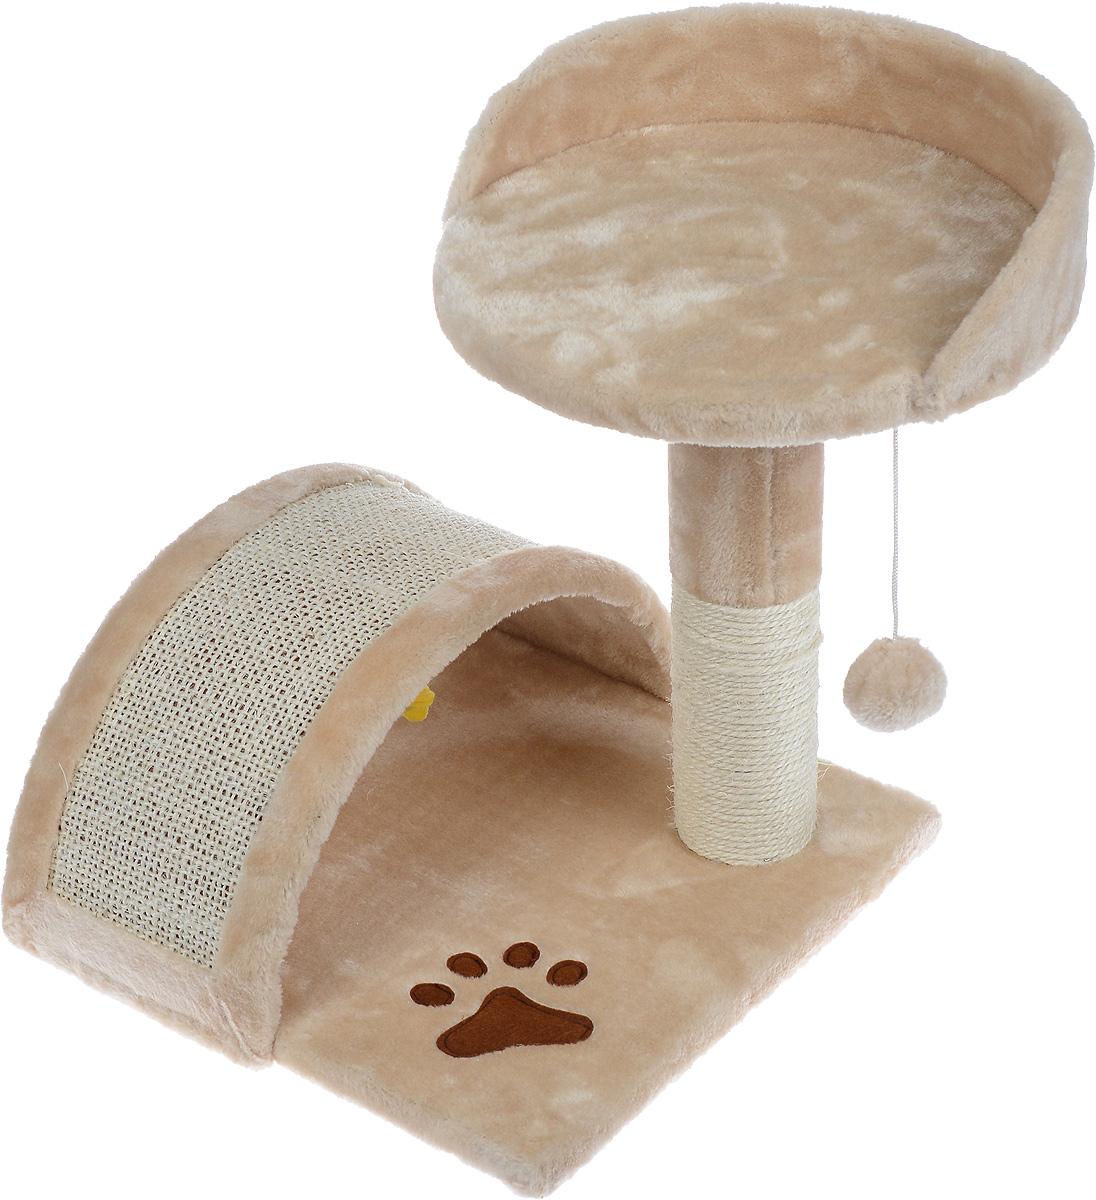 Когтеточка Aimigou, с полкой и игрушками, цвет: бежевый, белый, 43 х 42 х 42 см0120710Когтеточка Aimigou поможет сохранить мебель и ковры в доме от когтей вашего любимца, стремящегося удовлетворить свою естественную потребность точить когти. Когтеточка изготовлена из ДСП, искусственного меха и сизаля. Товар продуман в мельчайших деталях и, несомненно, понравится вашей кошке. Сверху имеется полка. Точить когти ваш питомец будет о полукруглую горку или столбик с покрытием из сизаля. Под горкой расположена мягкая игрушка в виде рыбки.Всем кошкам необходимо стачивать когти. Когтеточка - один из самых необходимых аксессуаров для кошки. Для приучения к когтеточке можно натереть ее сухой валерьянкой или кошачьей мятой. Когтеточка поможет вашему любимцу стачивать когти и при этом не портить вашу мебель.Размер основания: 34 х 34 см.Высота когтеточки (с учетом полки): 42 см.Размер полки: 30,5 х 30 см.